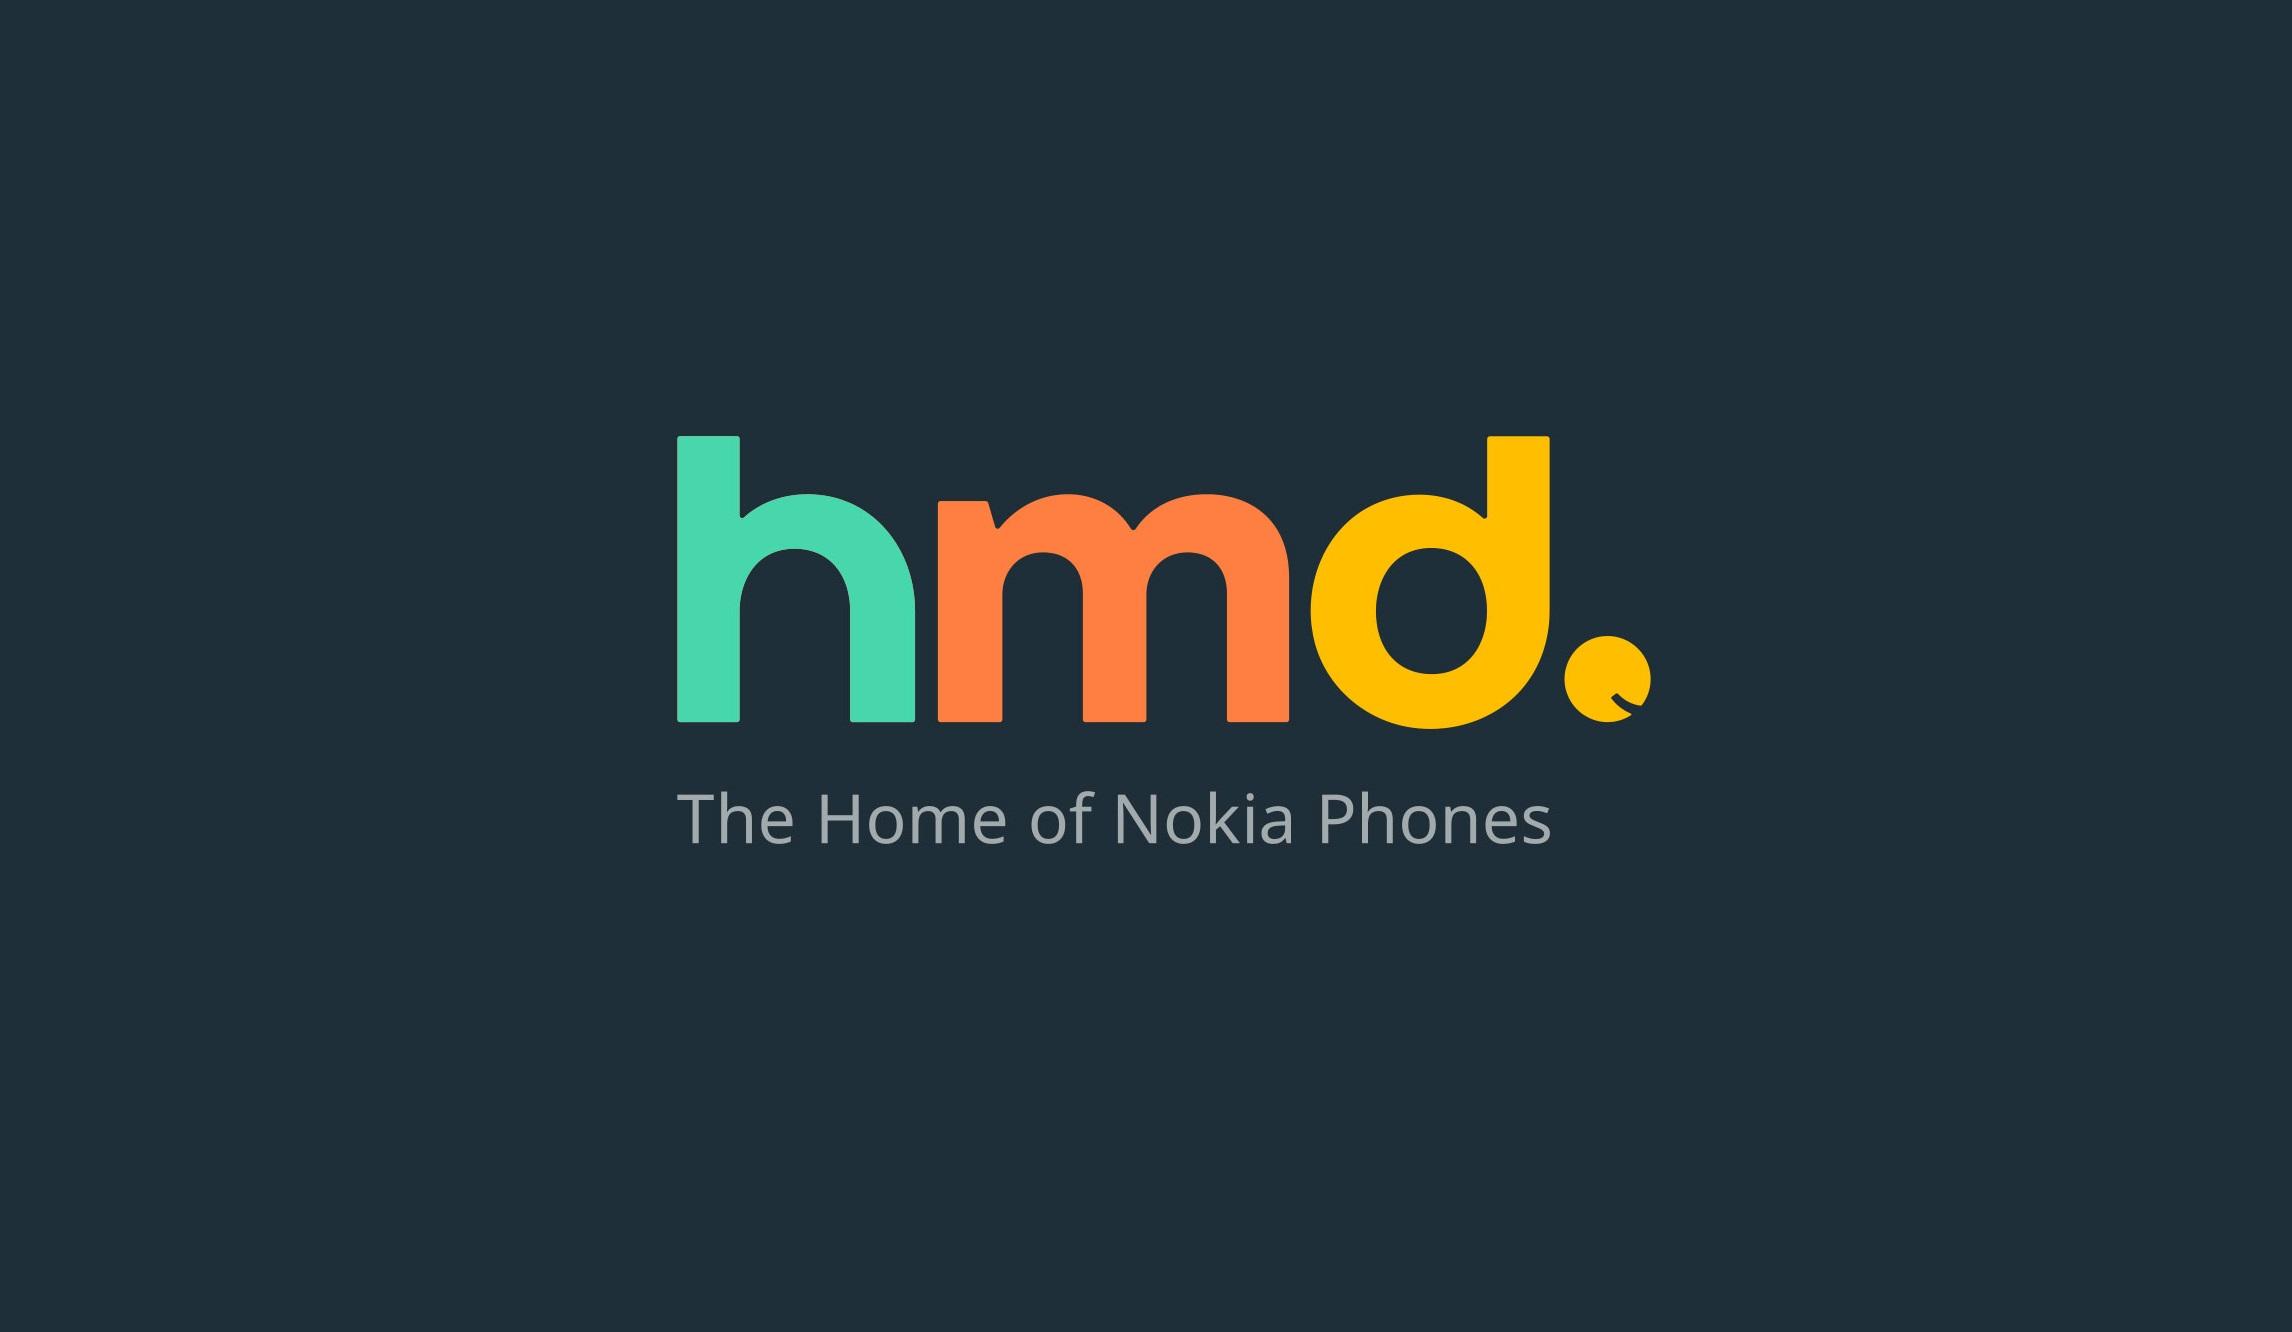 نوکیا ۸.۲ 5G در MWC 2020 ارایه خواهد شد